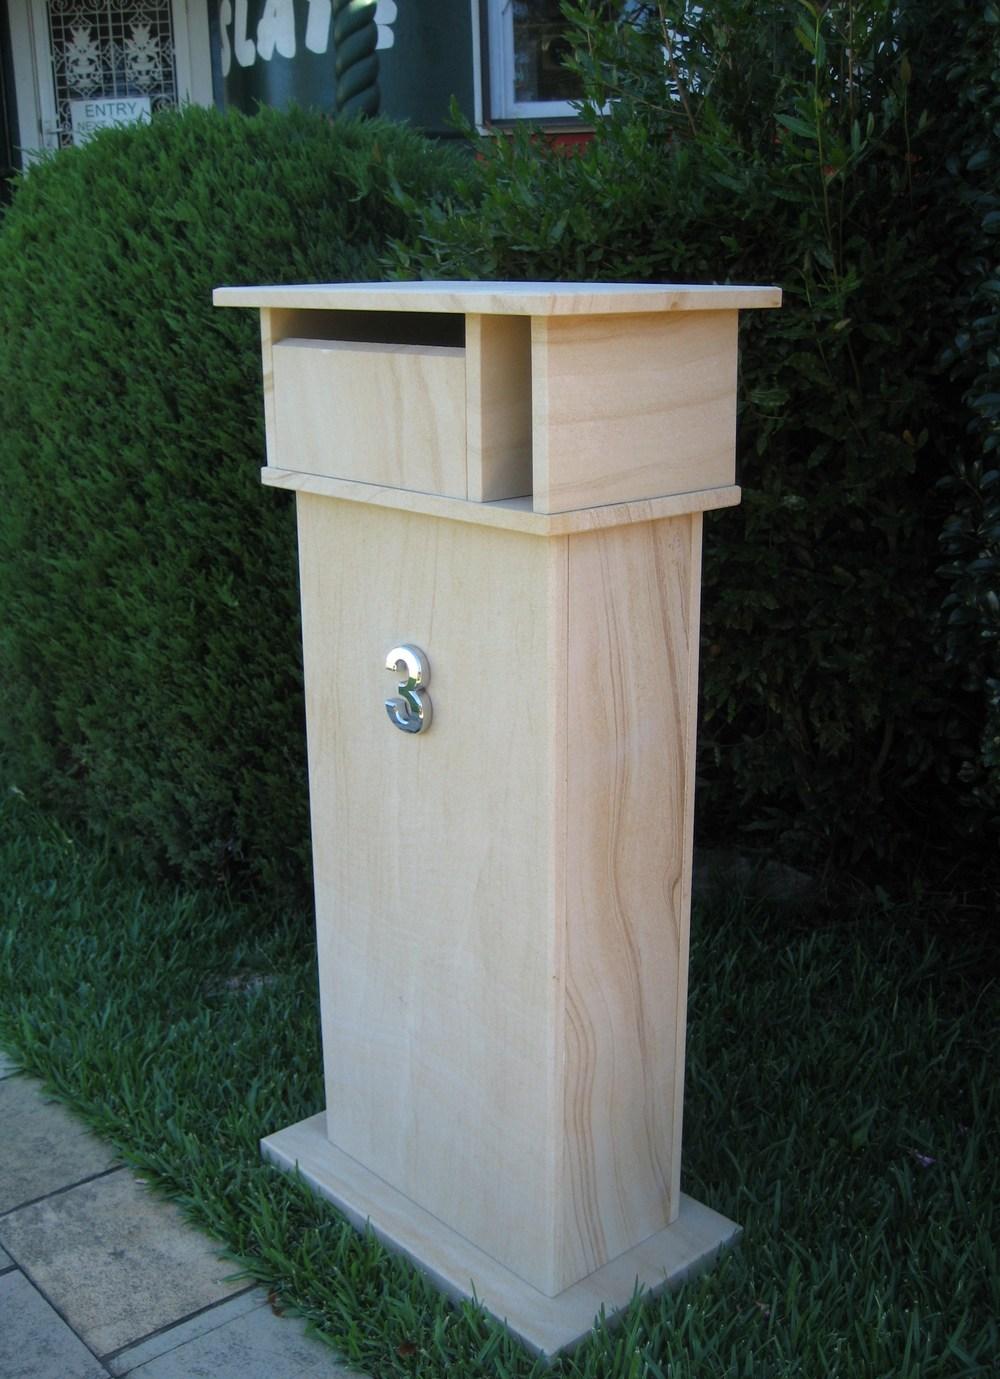 75. Extra tall letterbox, woodgrain sandstone. 1060 tall, dimentions 1060x400x300 $750